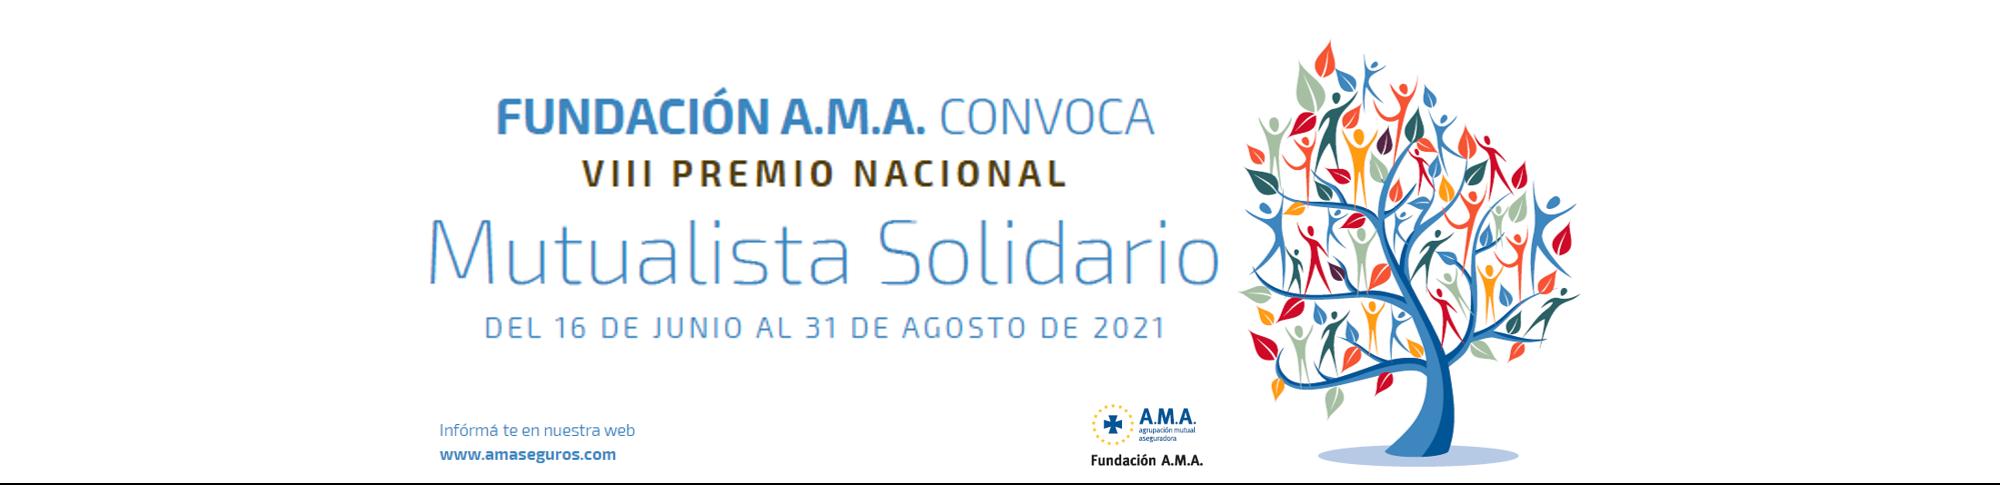 VIII PREMIO NACIONAL MUTUALISTA SOLIDARIO 2021